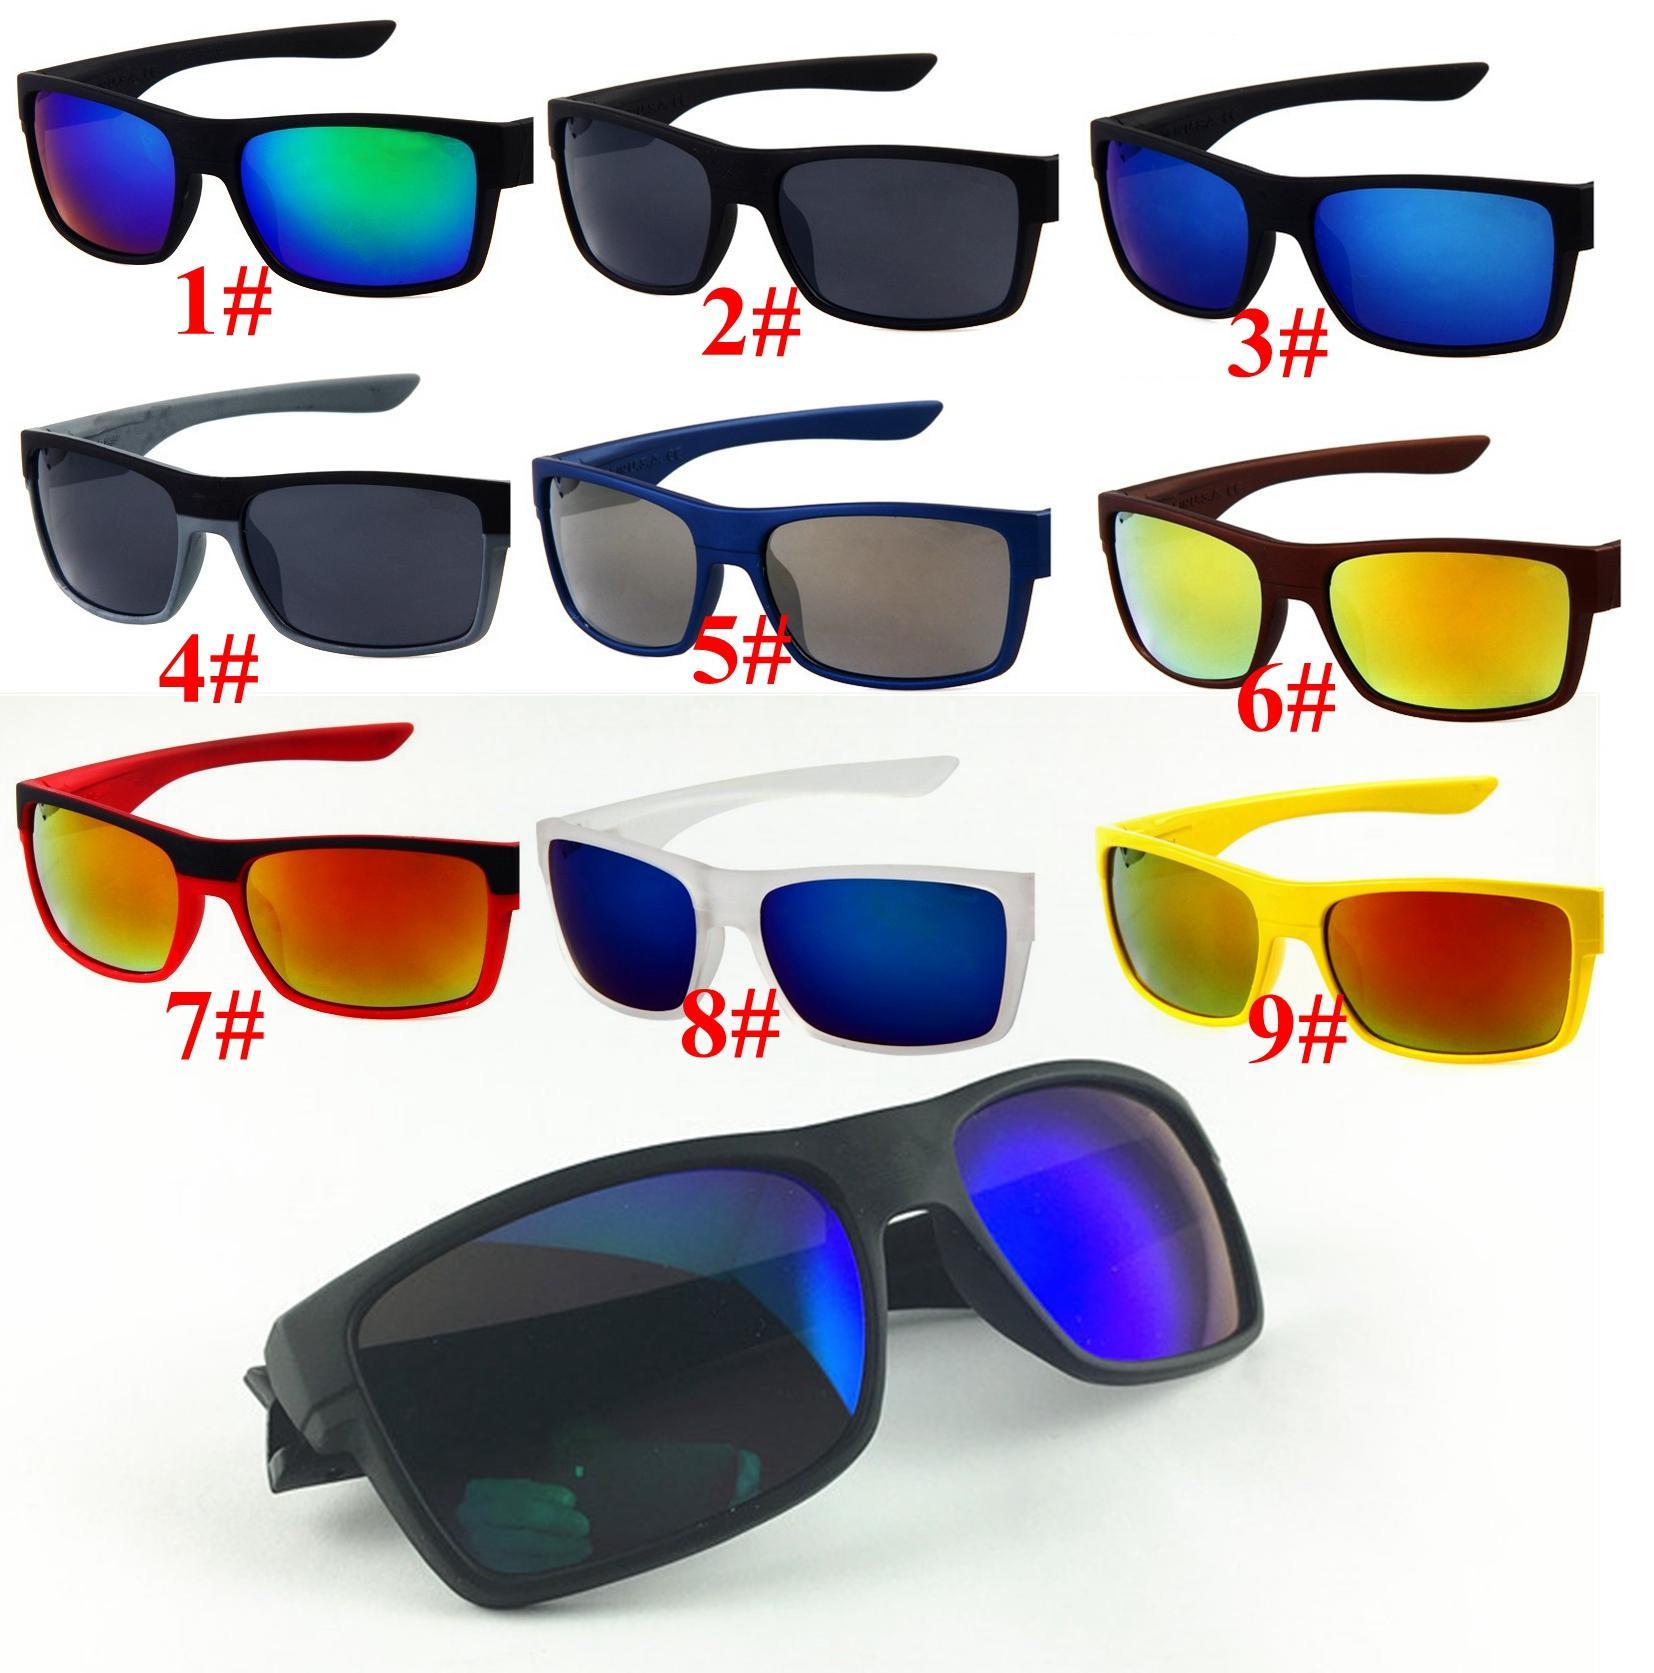 10 pcs verão marca quente homens moda 9 cores dirigindo óculos de sol UV400 lente de moda esportes ao ar livre óculos de sol 1079 design óculos de sol oculos